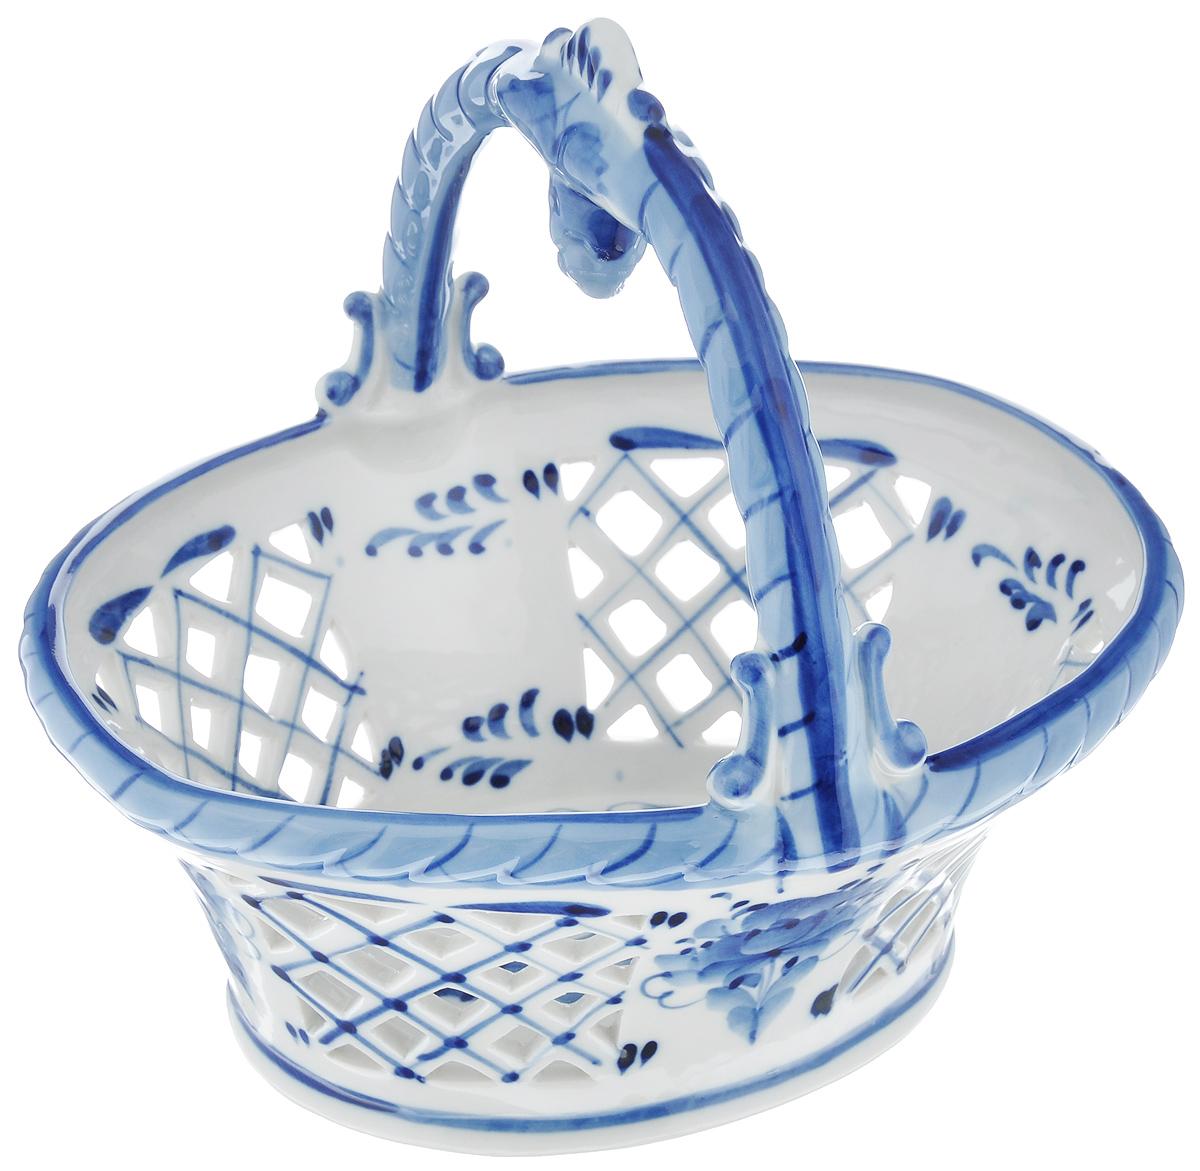 Конфетница Ягодка, цвет: белый, синий, 21,5 х 18,5 см993041802Изящная конфетница Ягодка, изготовленная из высококачественной керамики, предназначена для красивой сервировки конфет, фруктов и десертов. Изделие выполнено в виде корзинки с ручкой и оформлено росписью гжель. Стенки декорированы отверстиями. Конфетница Ягодка оригинально украсит ваш стол и подчеркнет изысканный вкус хозяйки. Уважаемые клиенты! Обращаем ваше внимание, что роспись на изделии выполнена вручную. Рисунок может немного отличаться от изображения на фотографии. Высота конфетницы (с учетом ручки): 19 см.